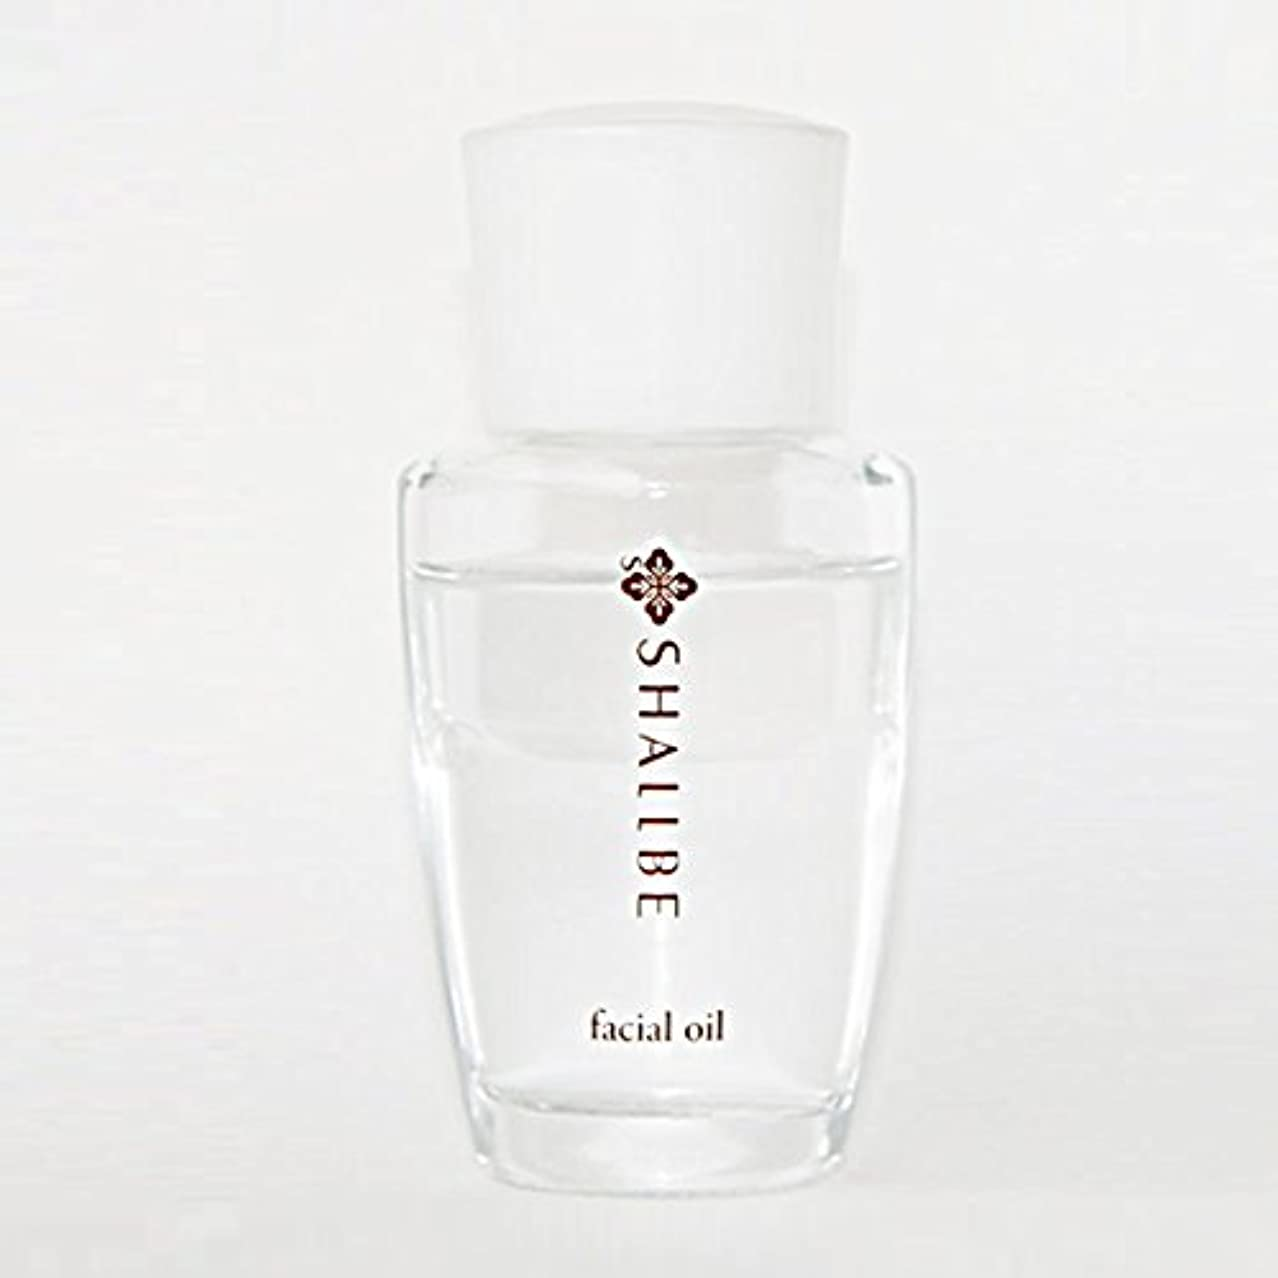 媒染剤コットン取り替えるシャルビー カクテル スクワラン オイル 26ml 美容液 2層 スクワランオイル